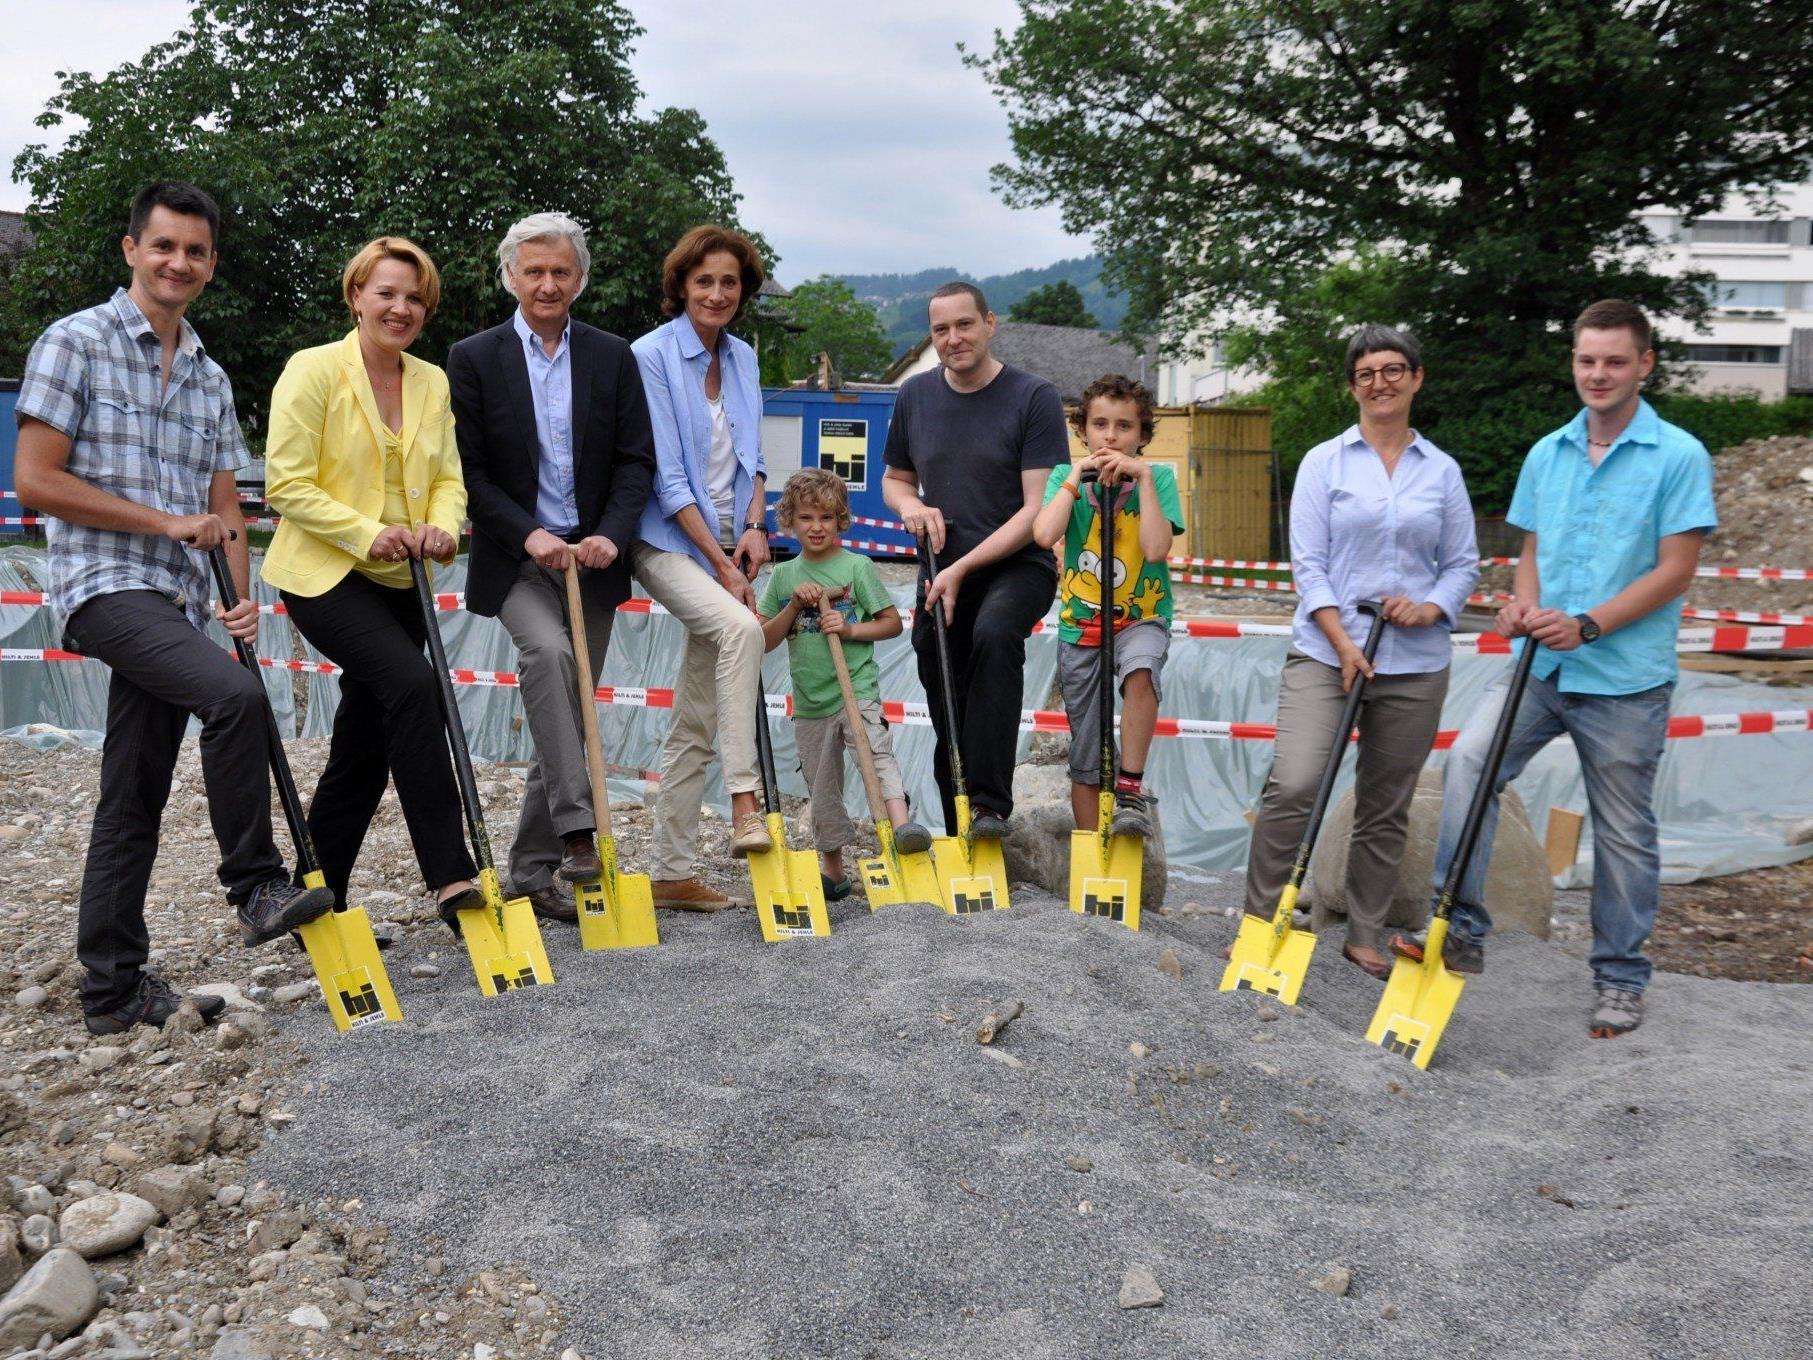 Bis September 2014 soll der neue viergruppige Kindergarten bezugsfähig sein.